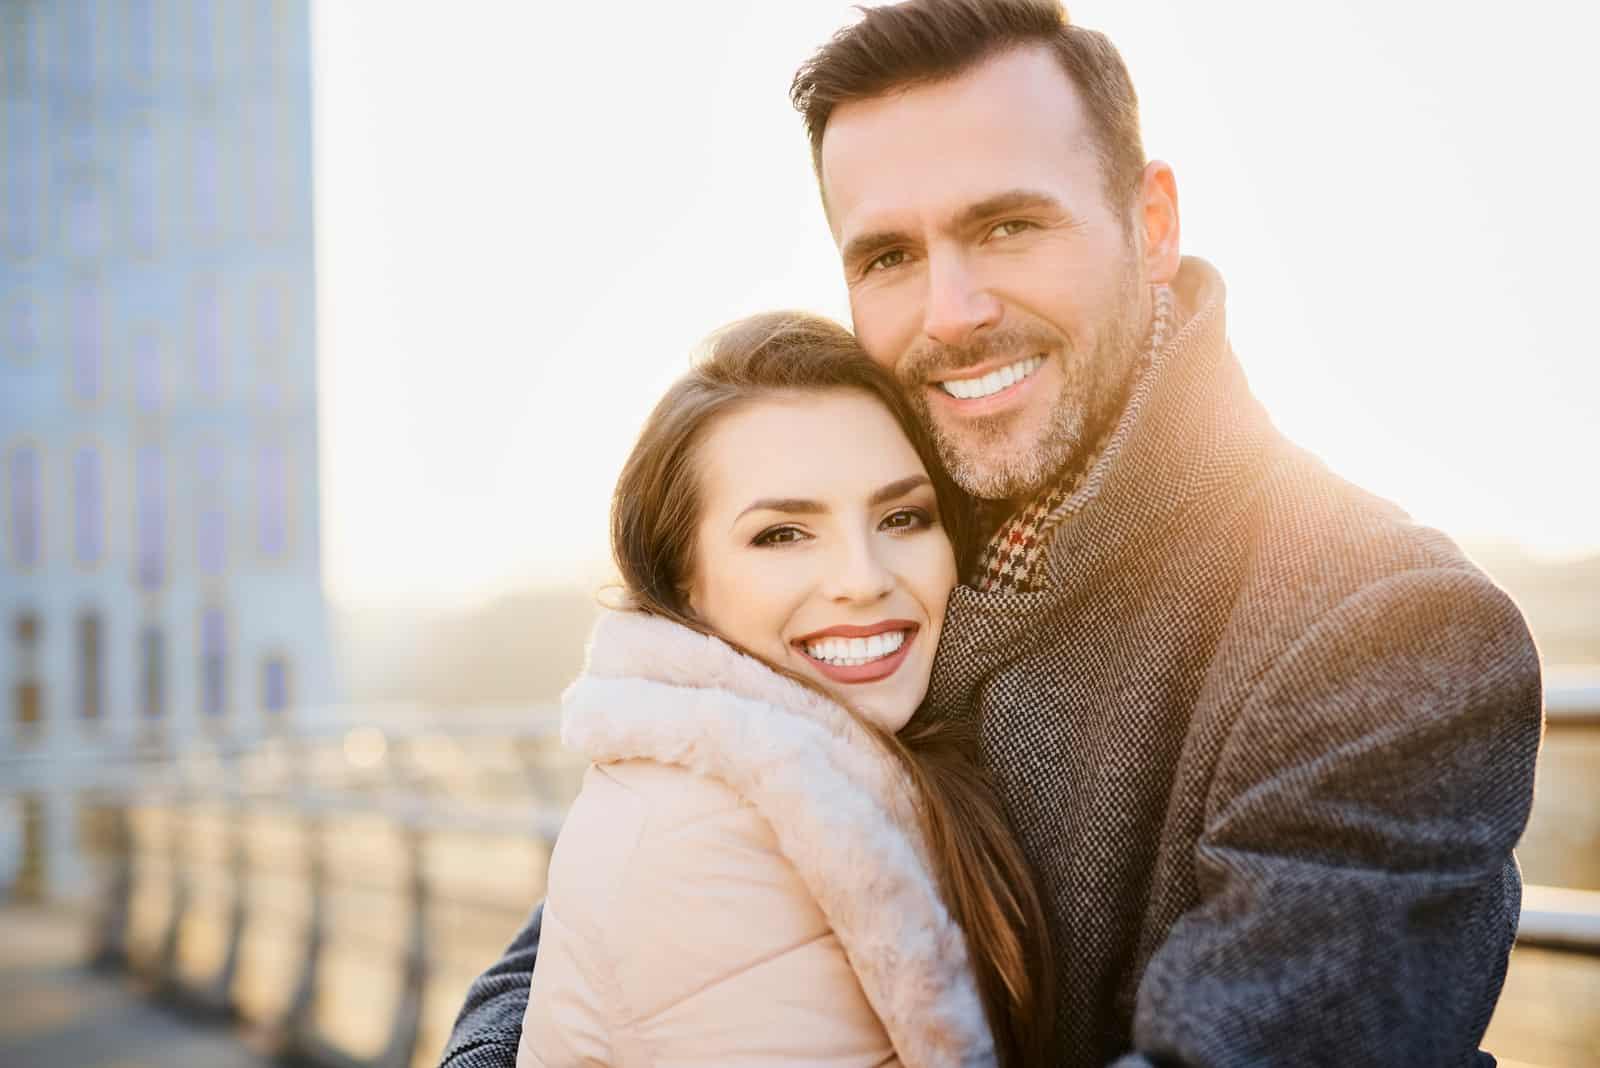 Glückliches Paar mittleren Alters, das lächelt und in die Kamera schaut, während es sich umarmt